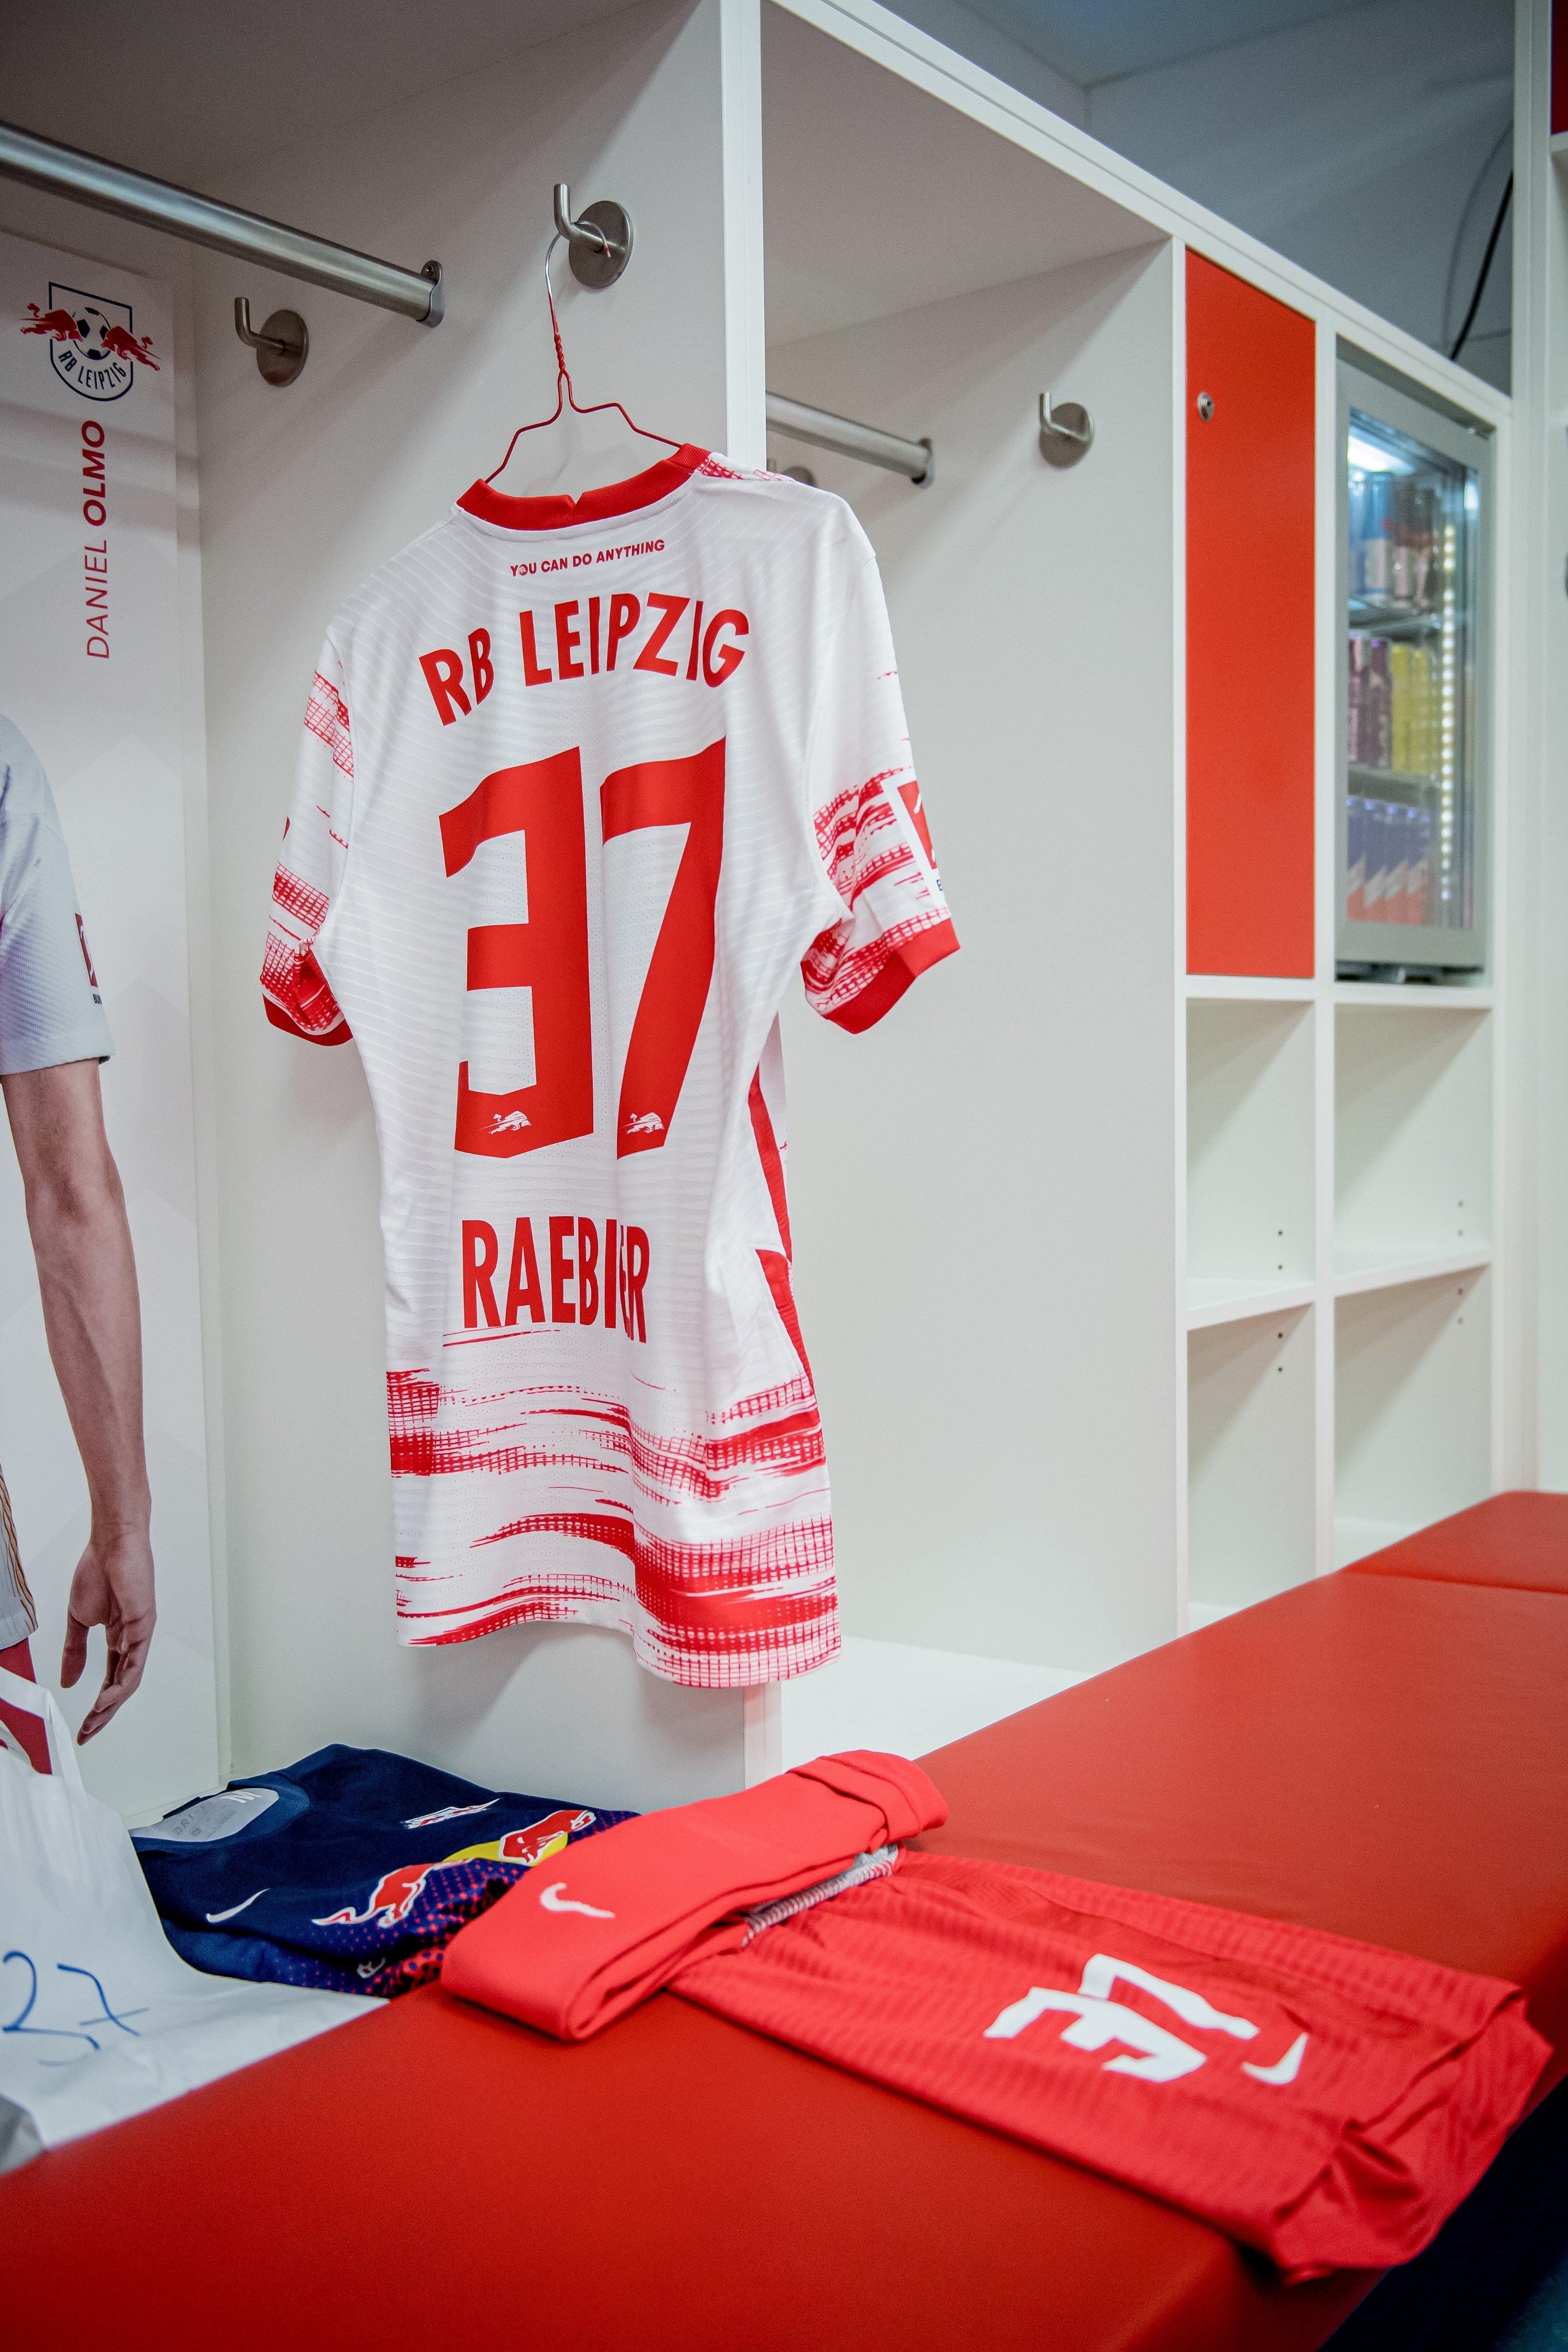 RB Leipzig on Twitter